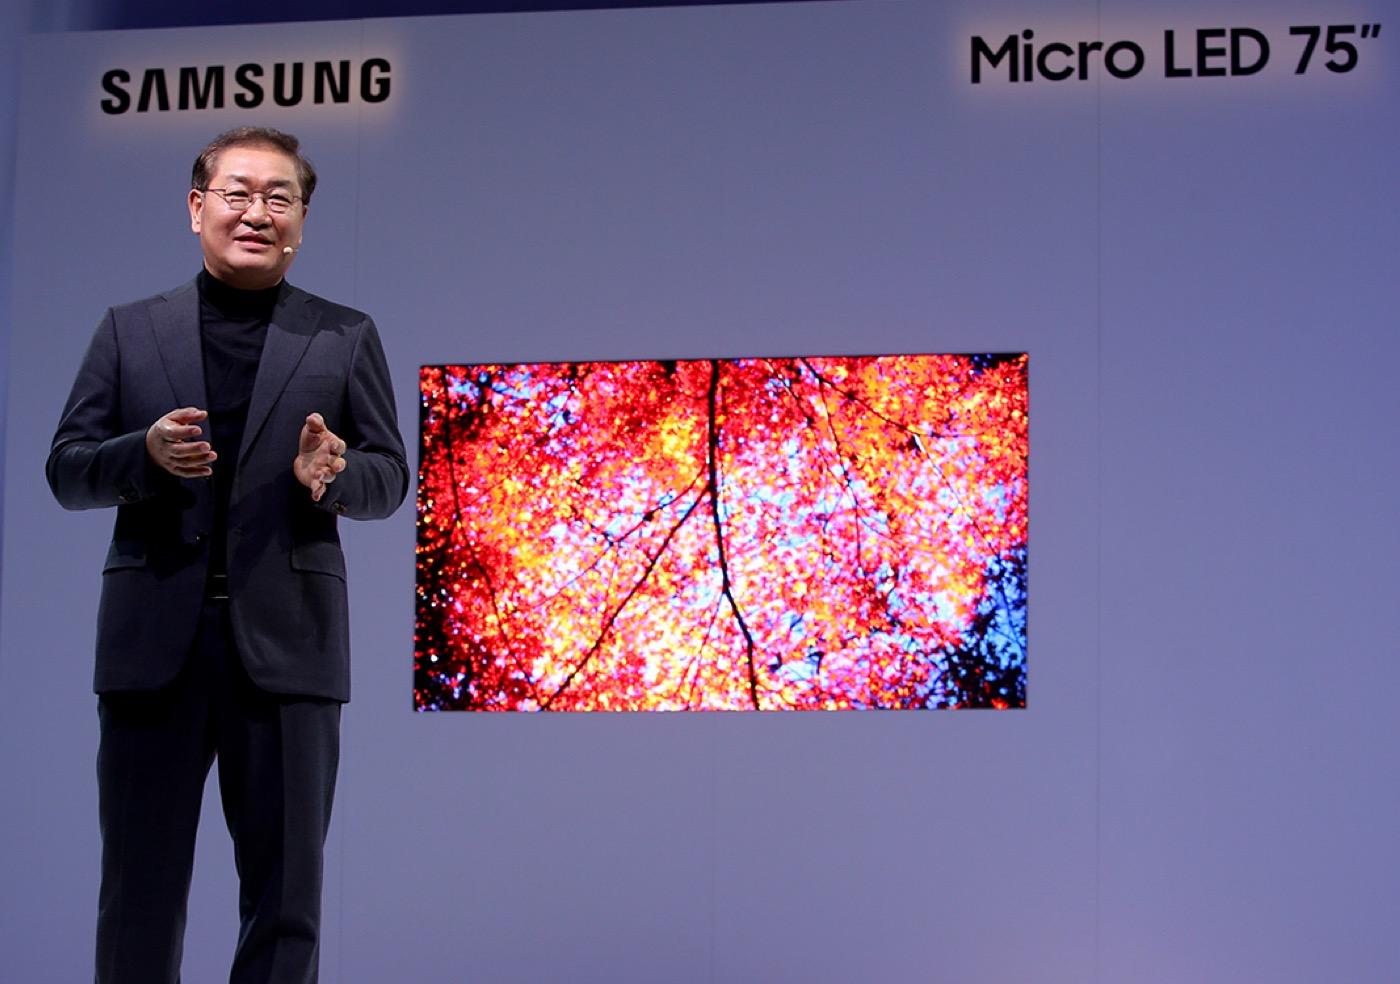 Tecnologia MicroLED mostrada pela Samsung na CES 2019 e por que ela é importante